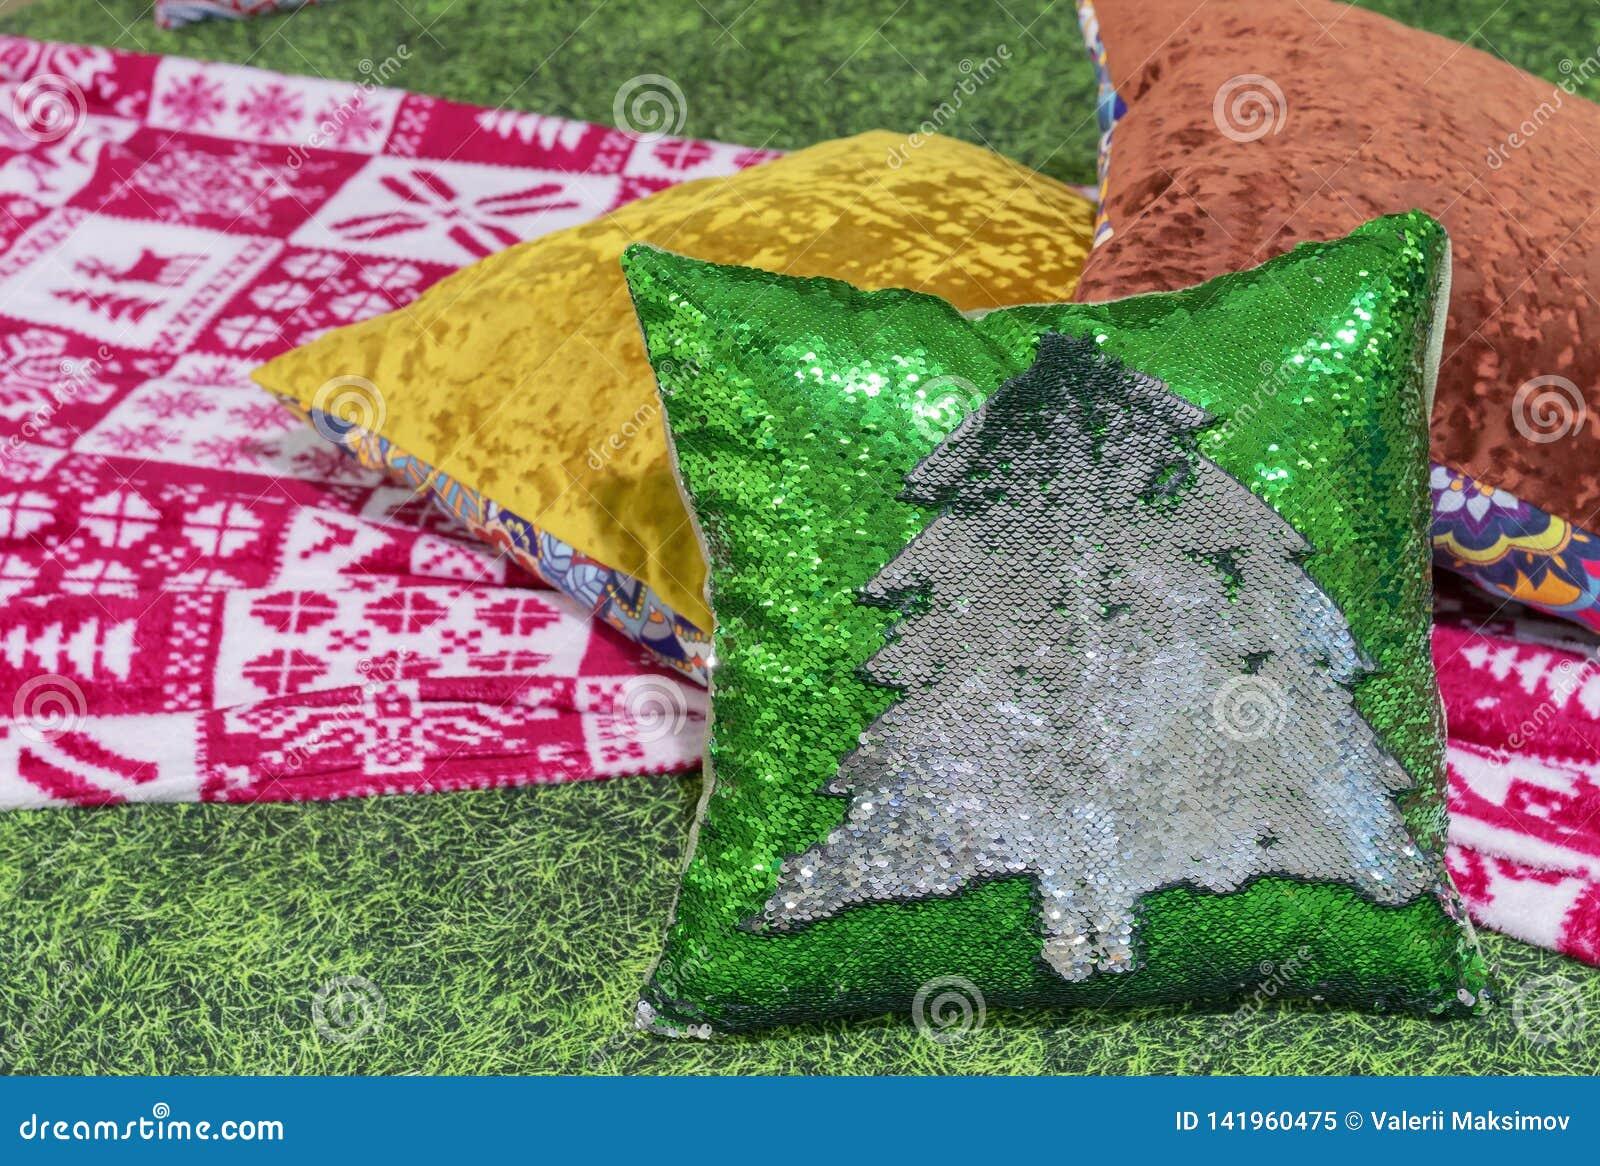 Dekoratives Kissen mit Weihnachtsbaum von den Pailletten